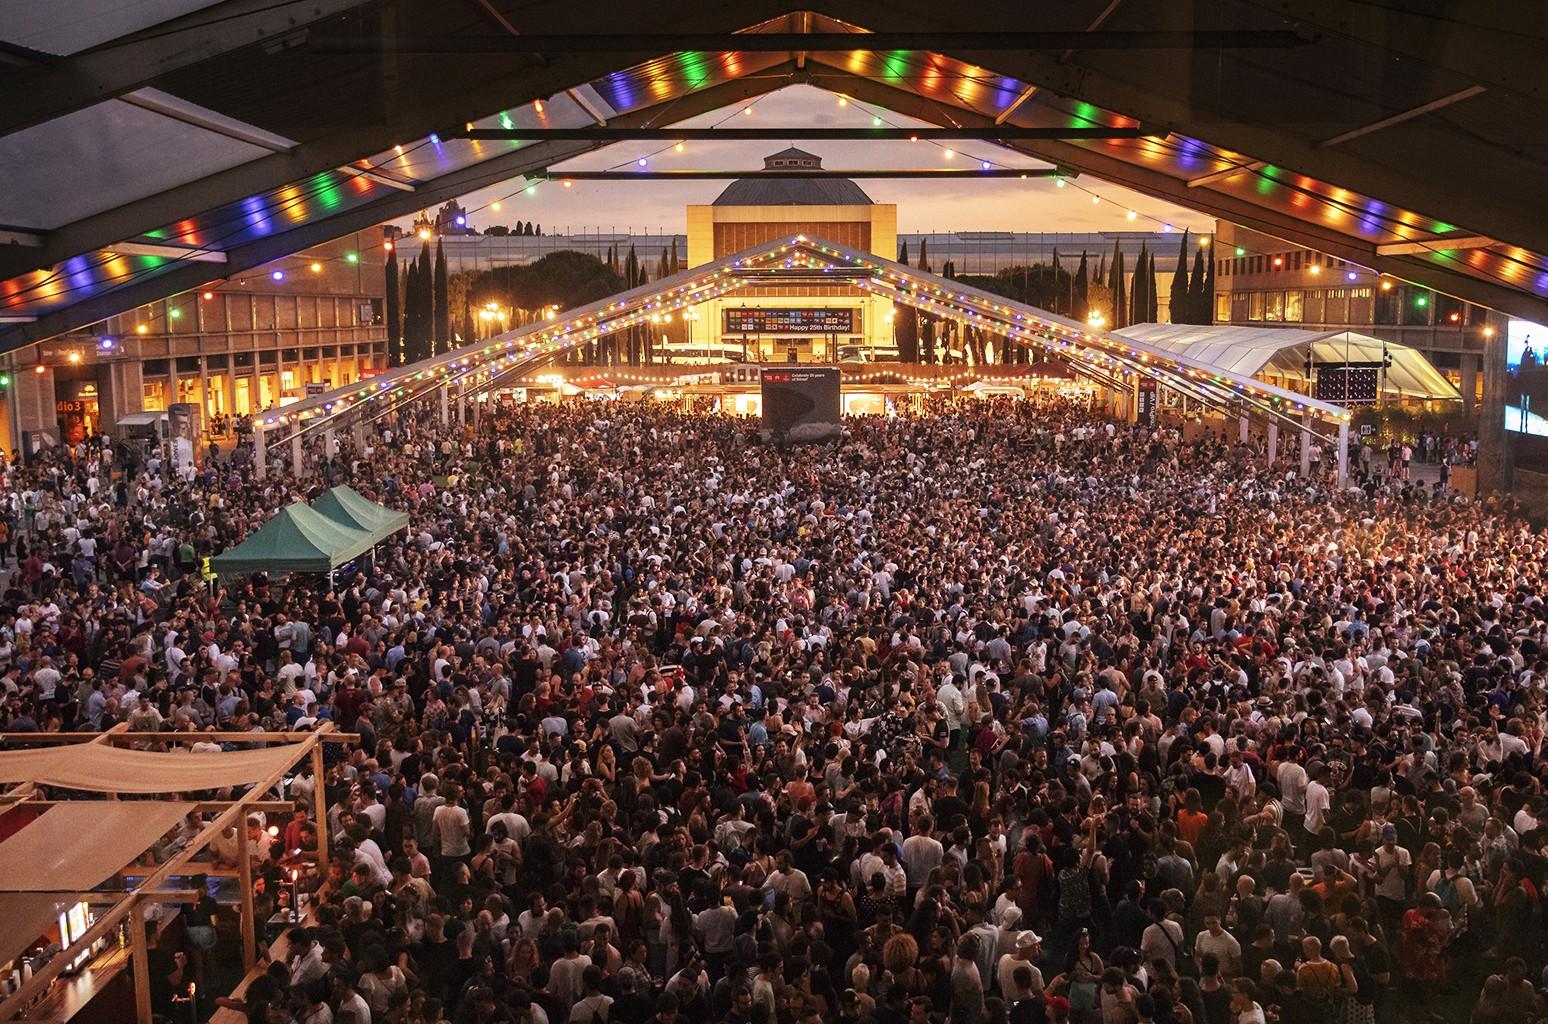 Sonar Music Festival